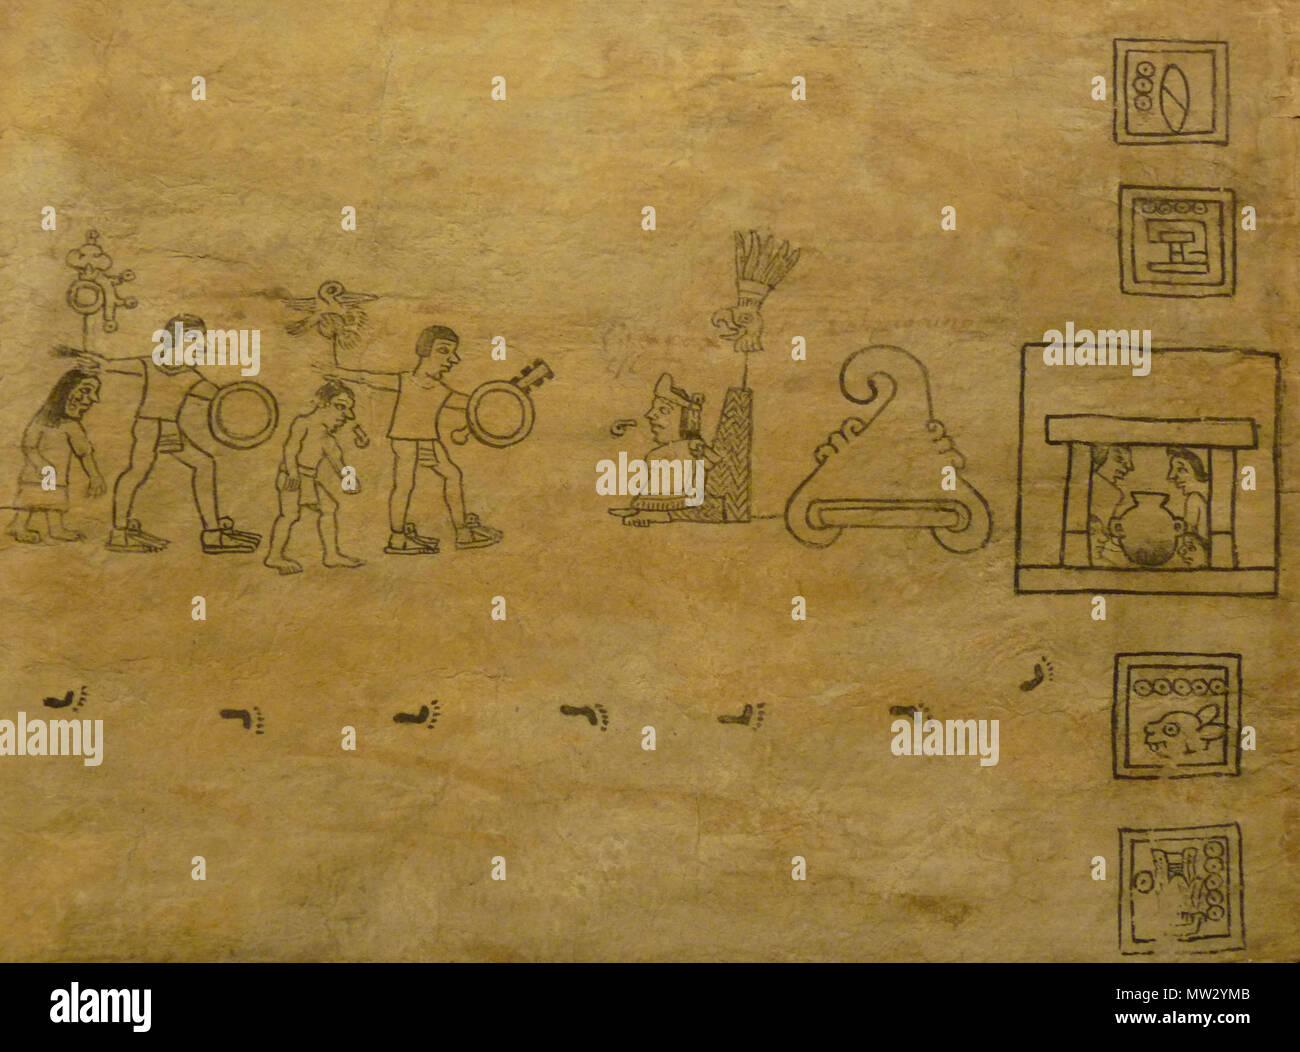 . Codex Boturini (also known as Tira de la peregrinación), folio 20 . First half of 16th century. Unknown (codex) - El Comandante (photographer) 94 Boturini Codex (folio 20) - Stock Image